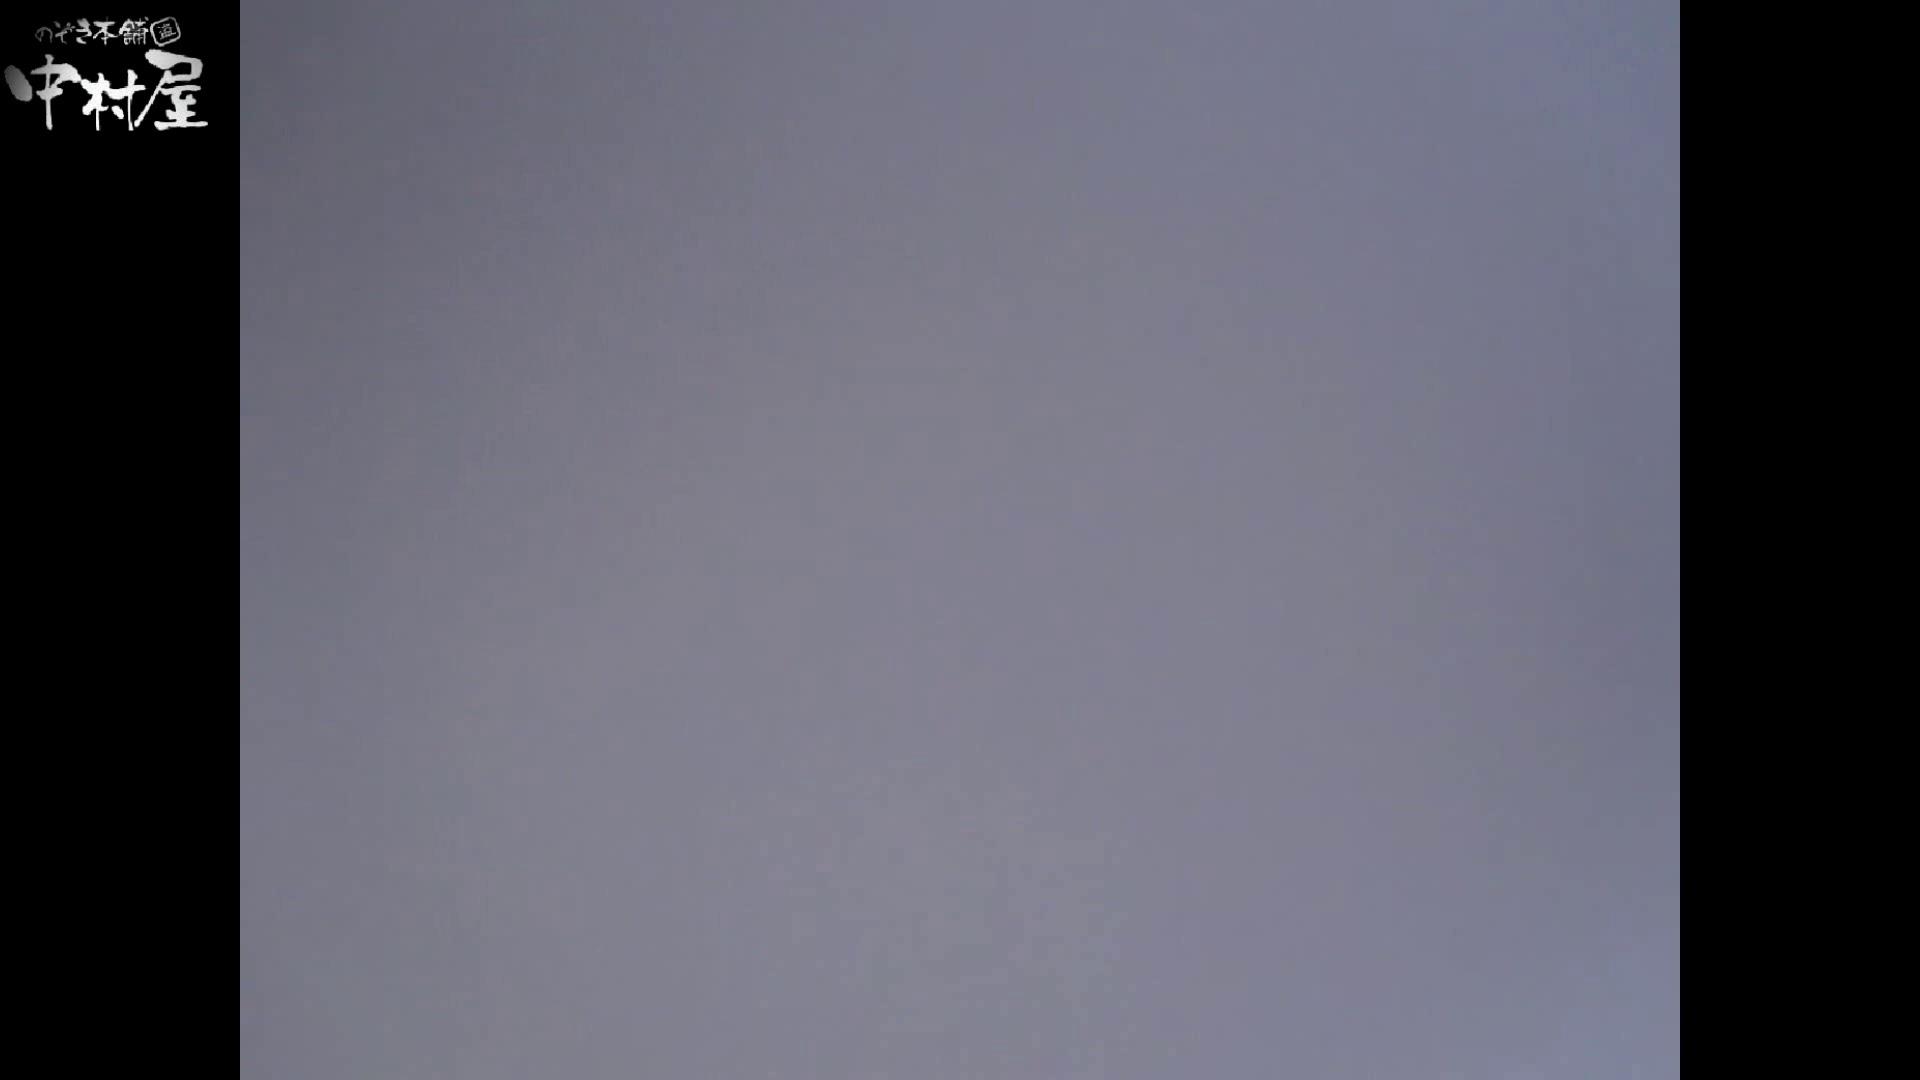 魂のかわや盗撮62連発! ショートブーツのお姉さん! 47発目! 0 | 黄金水  35連発 9